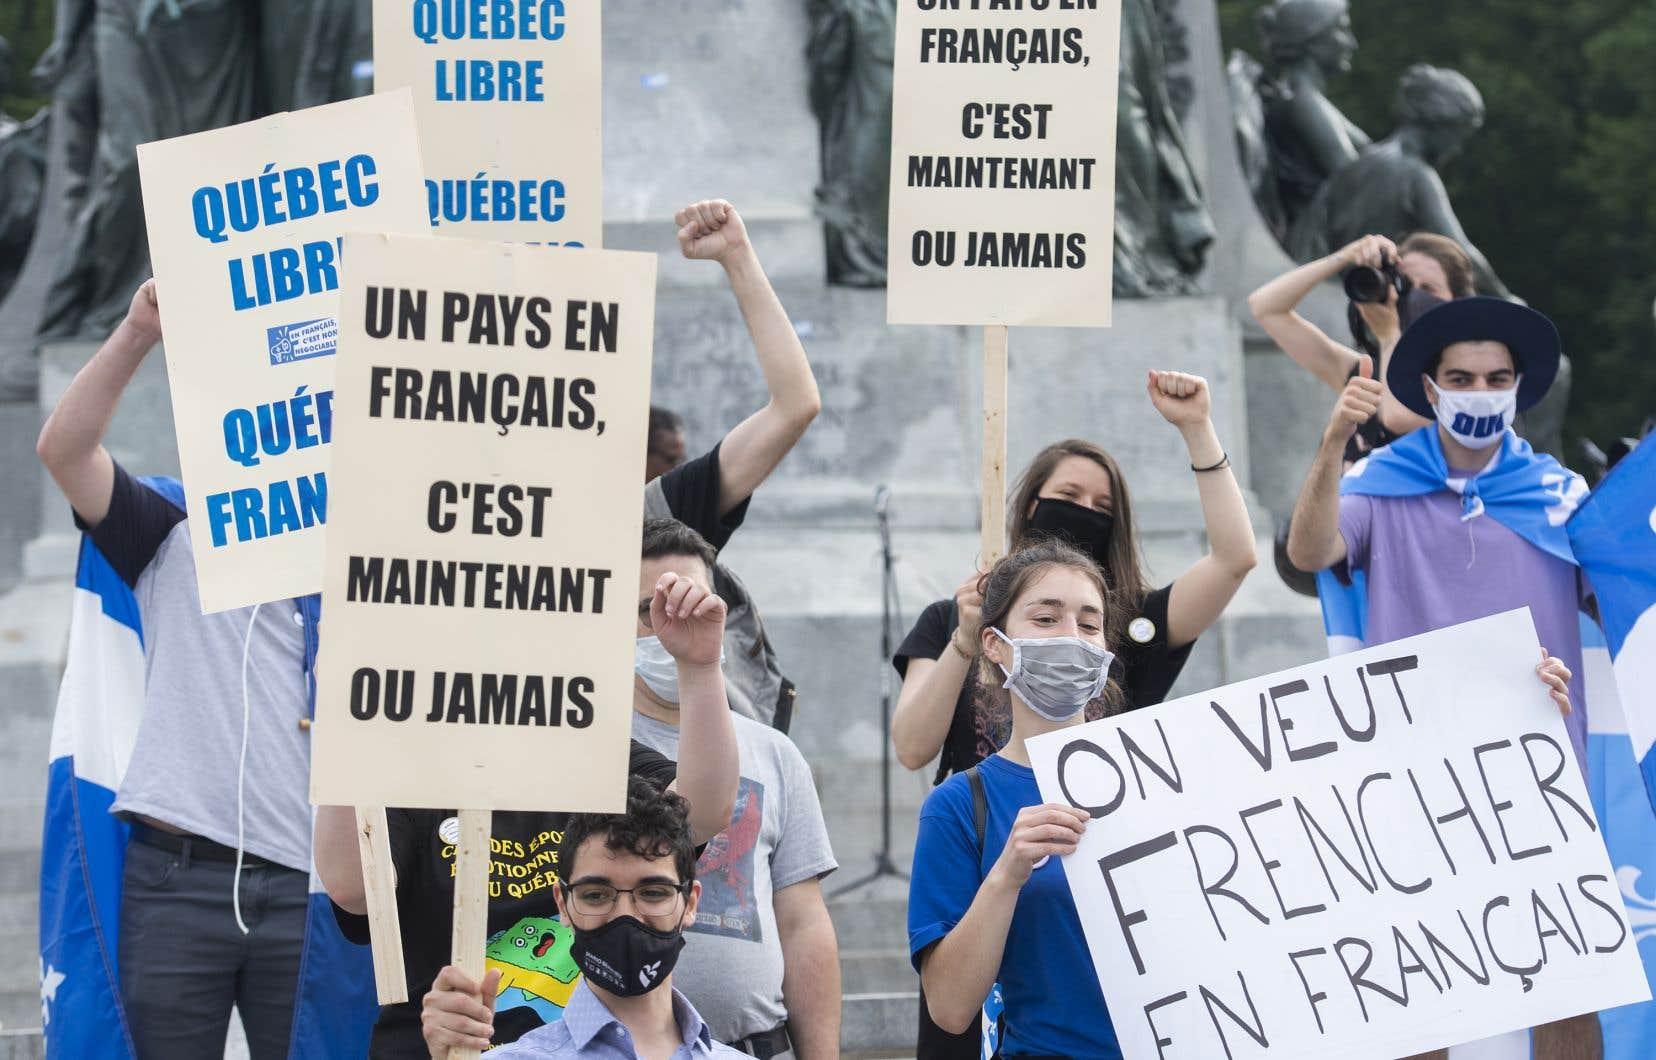 «Il importe plus que jamais de revoir les divers indicateurs qui permettent ou permettraient de brosser un portrait plus juste de l'évolution de l'usage du français au Québec», écrit l'auteur.